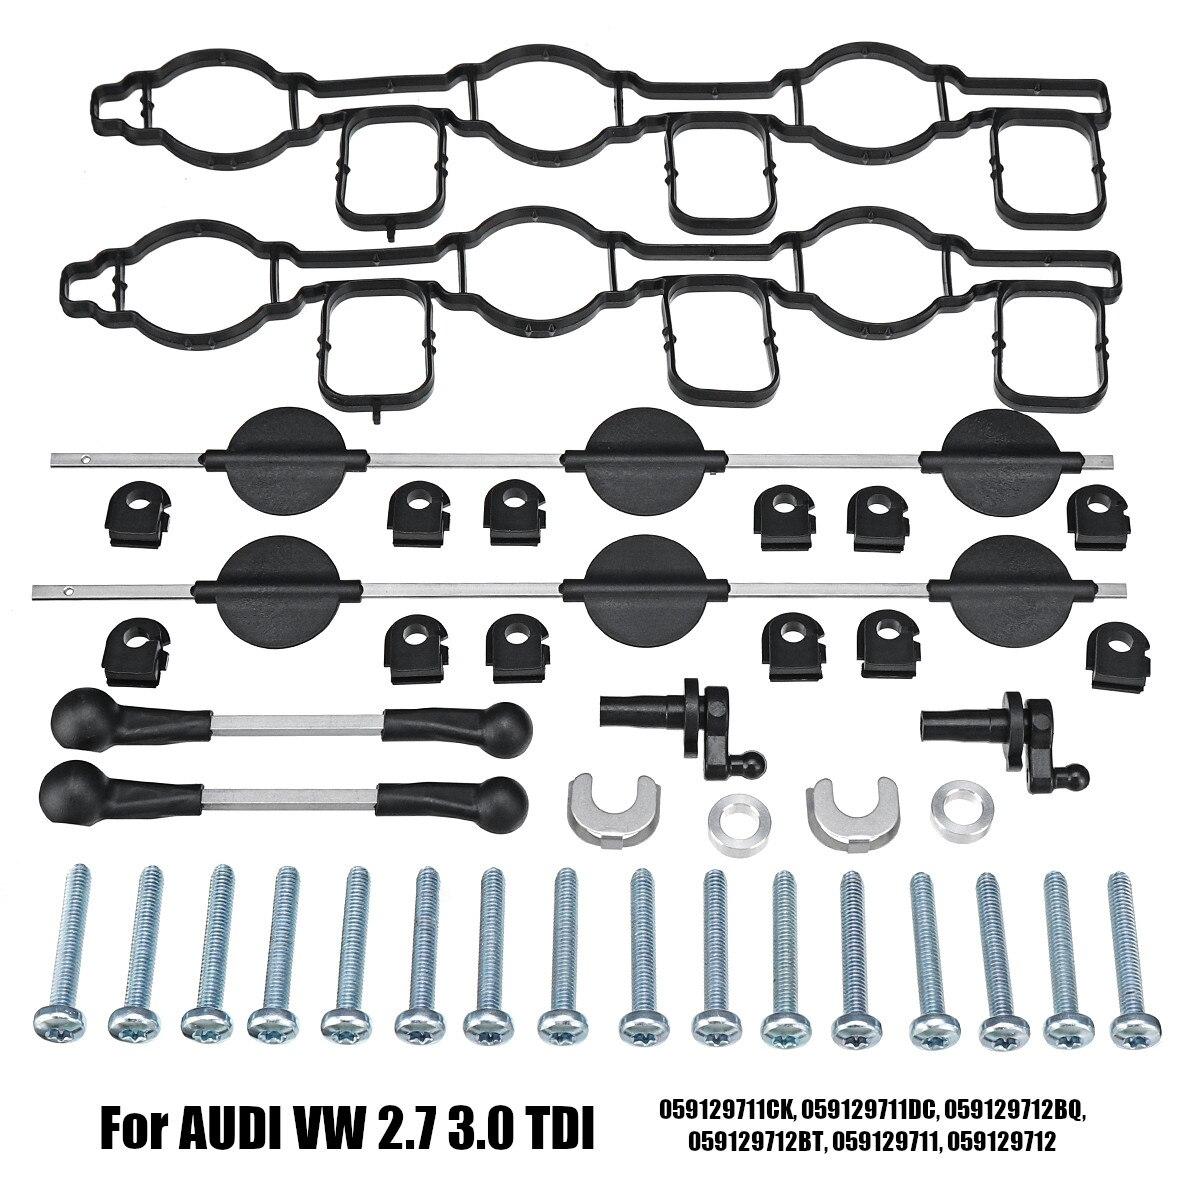 Ensemble de rabats de tourbillon de collecteur d'admission pour AUDI pour VW 2.7 TDI A4 A5 A6 A8 Touareg 059129711CK 059129711DC 059129712BQ 059129712B